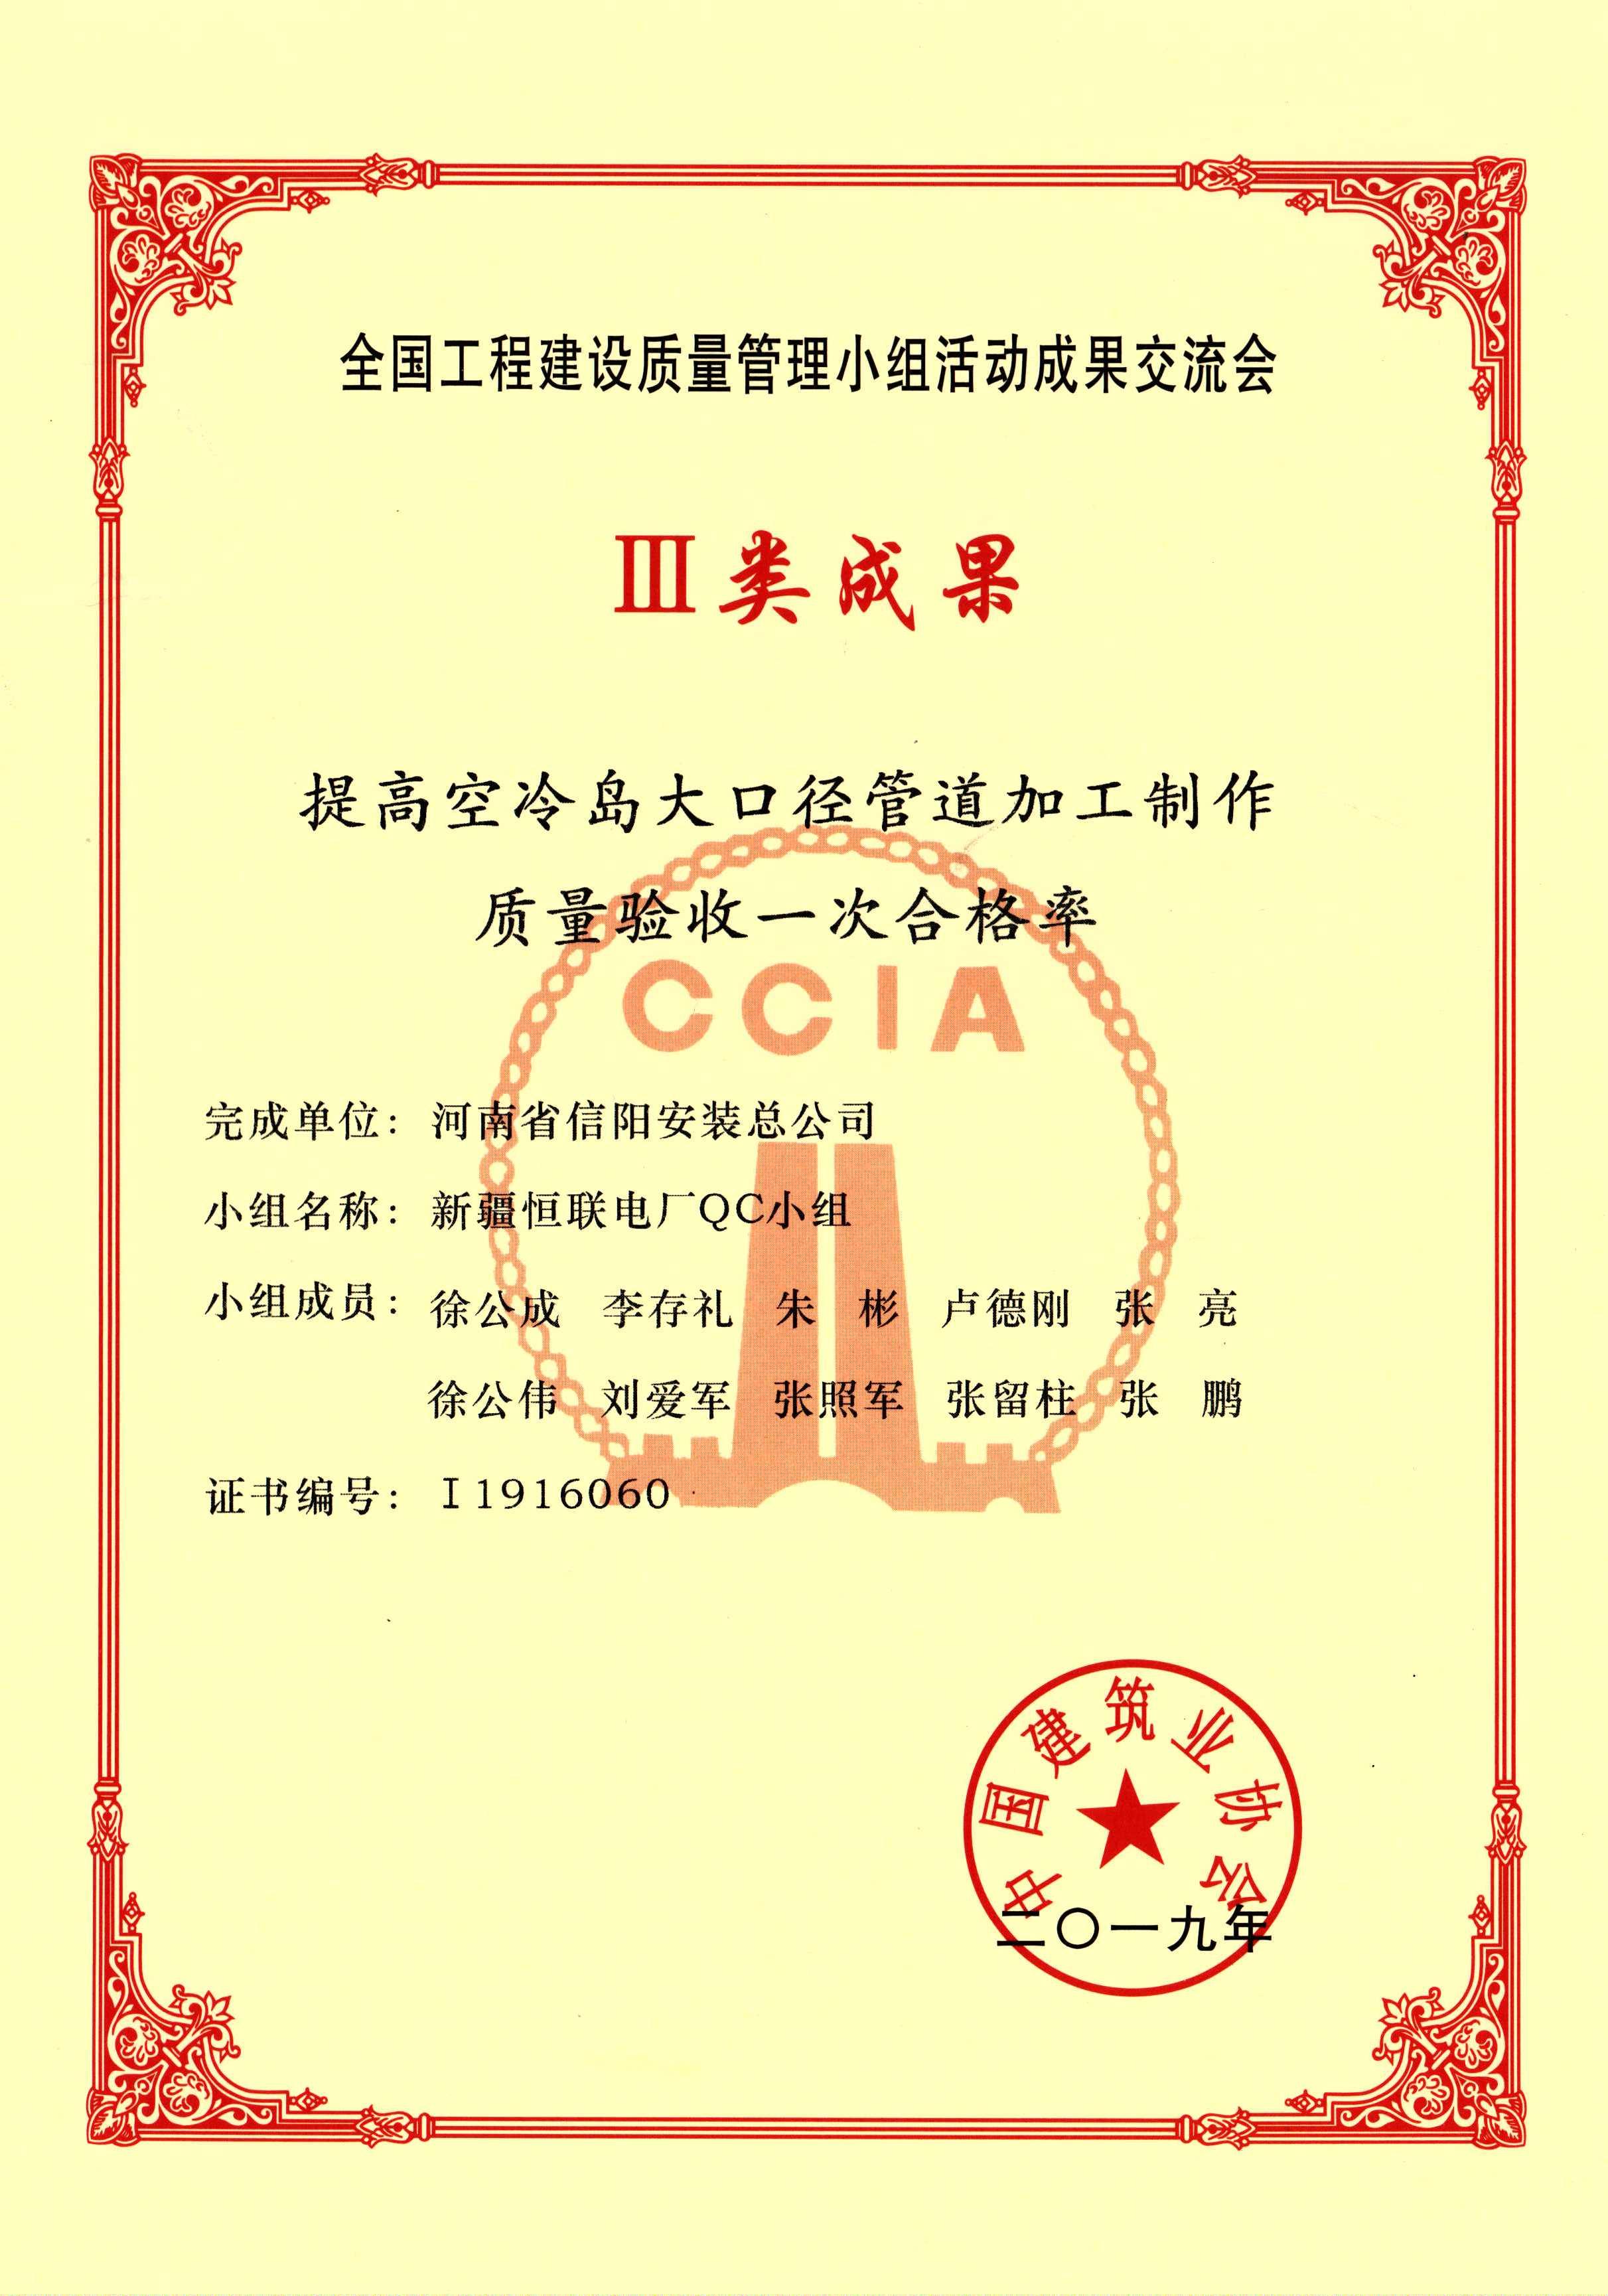 全国工程建设QC质量三等奖(新疆恒联电厂)2019.6.jpg